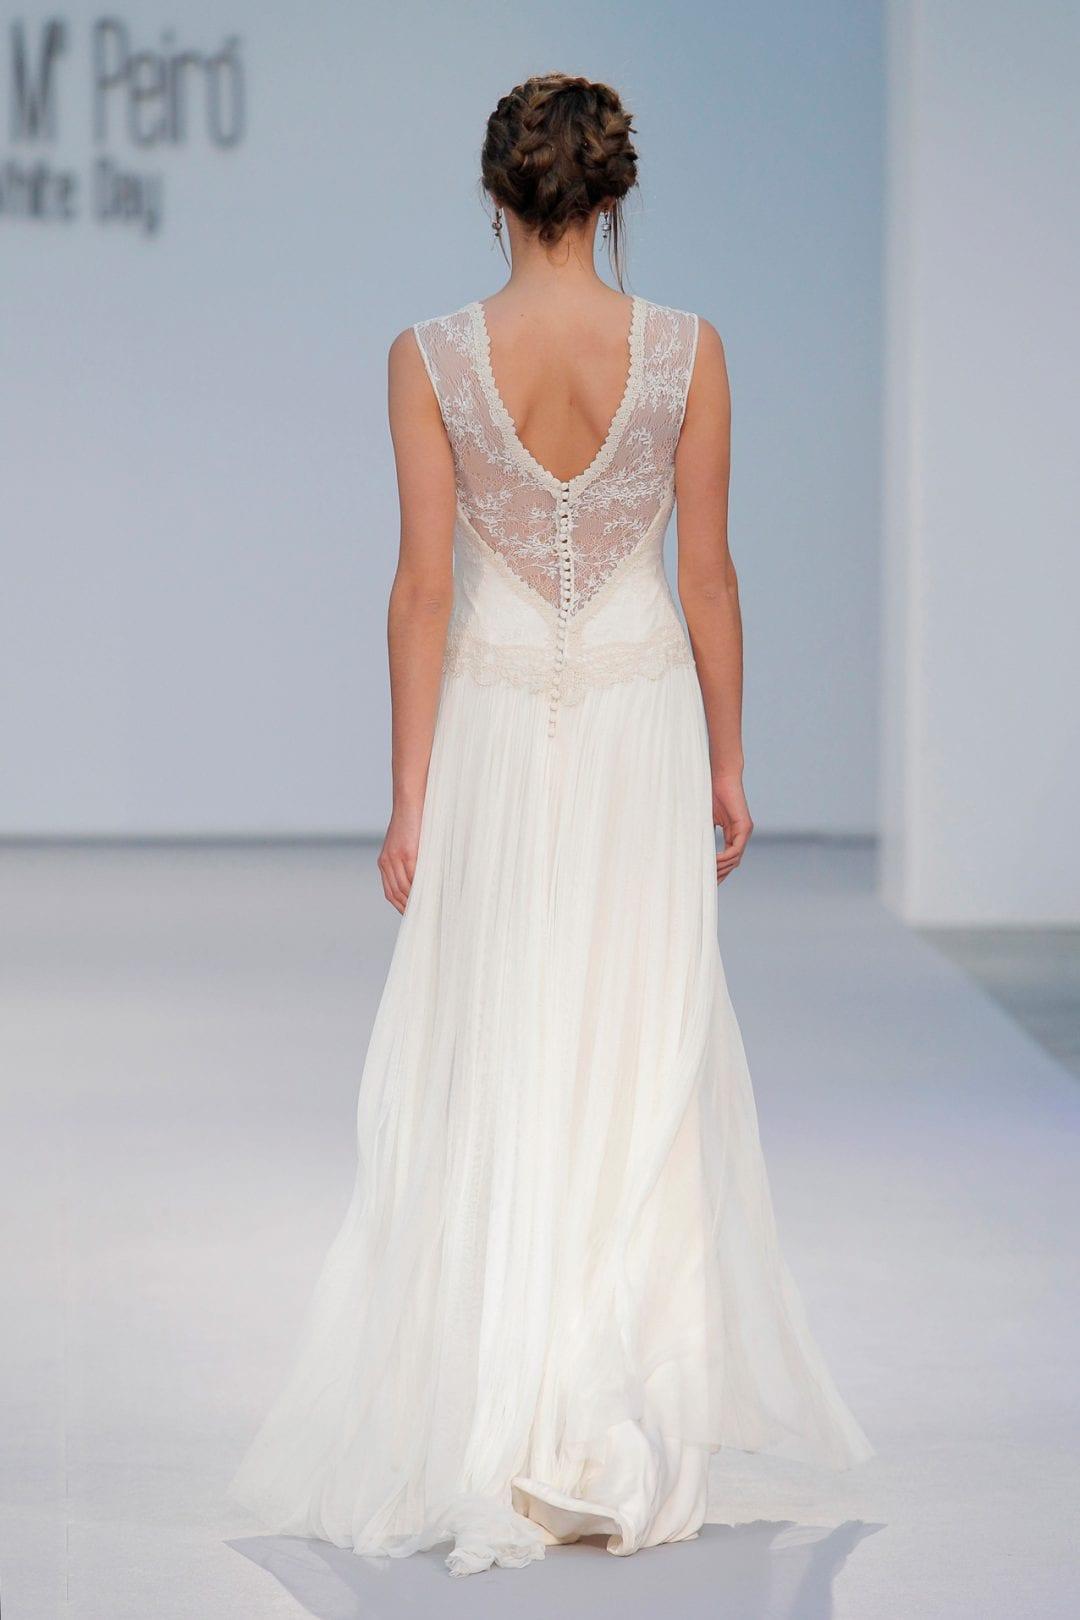 imagenes vestidos de novia Jose maria peiro 2017